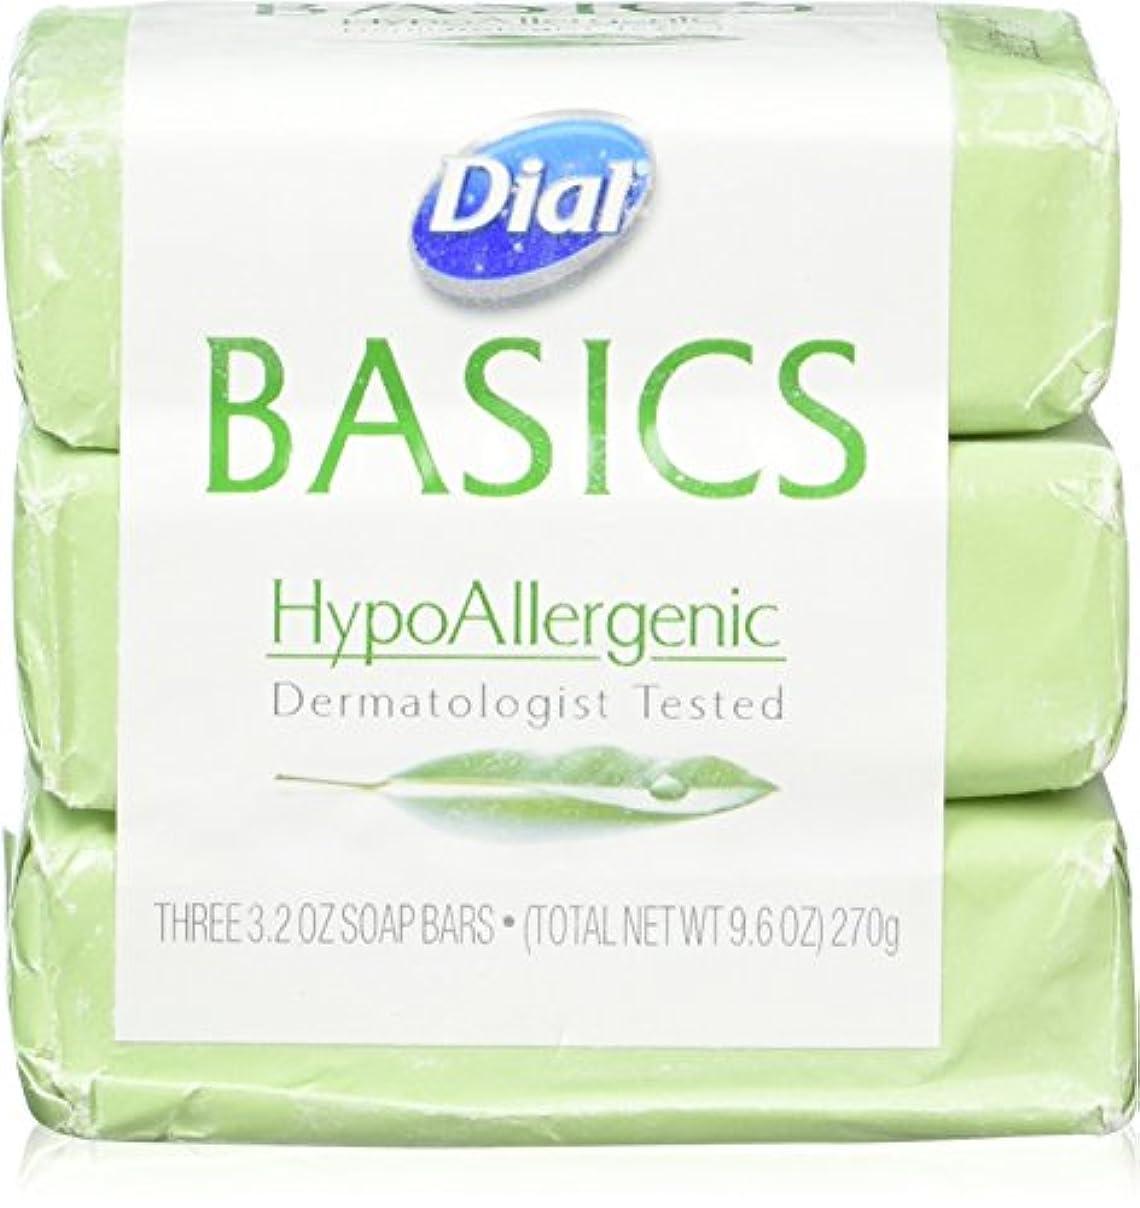 規模へこみ王室Dial Basics HypoAllergenic Dermatologist Tested Bar Soap, 3.2 oz (12 Bars) by Basics